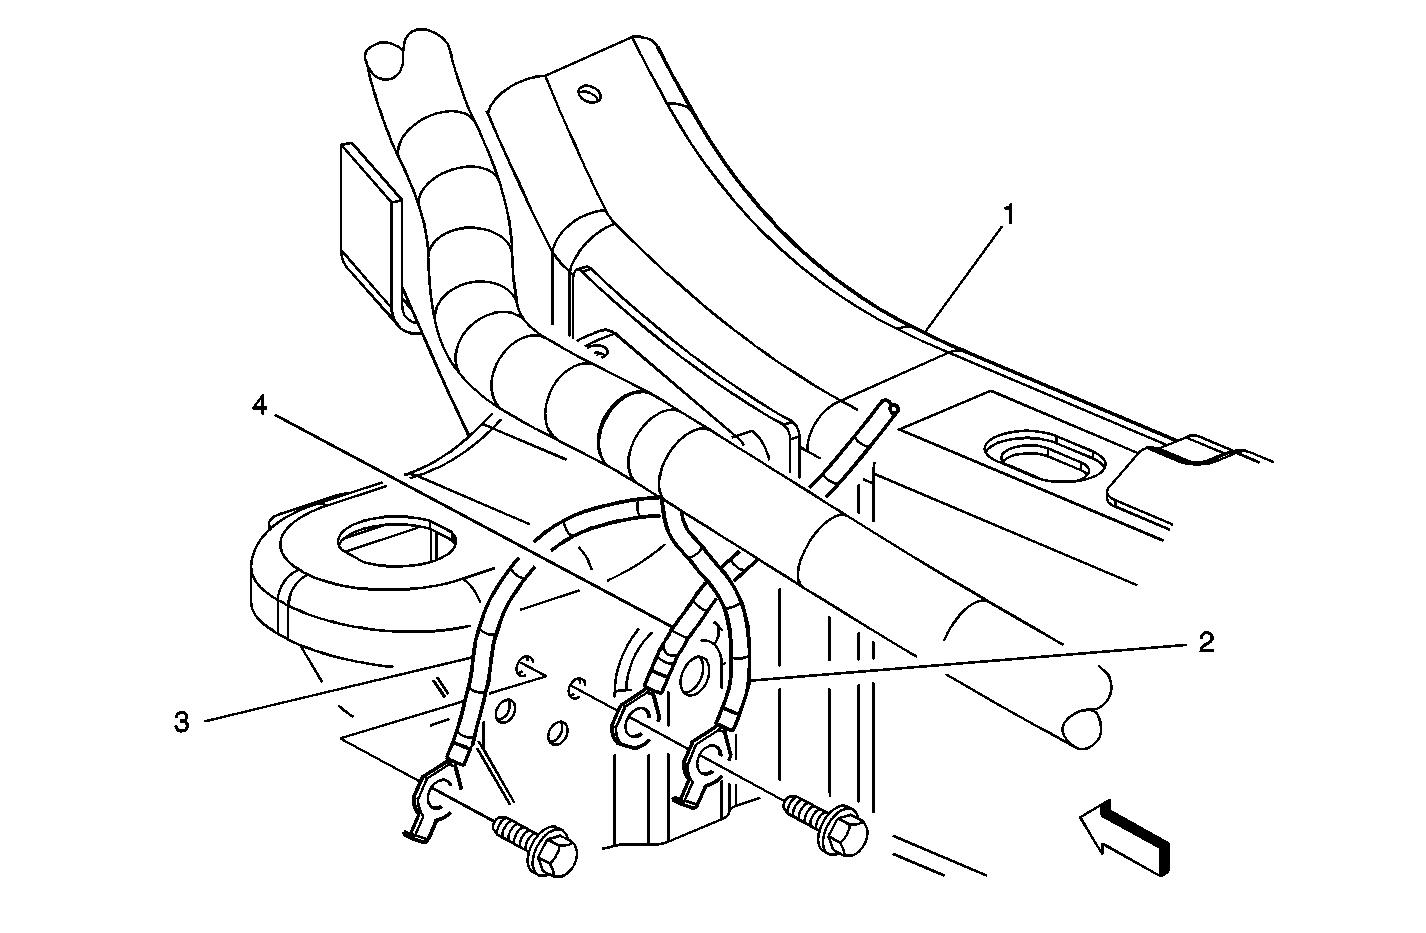 Chevrolet Silverado Hd Power Steering Diagram